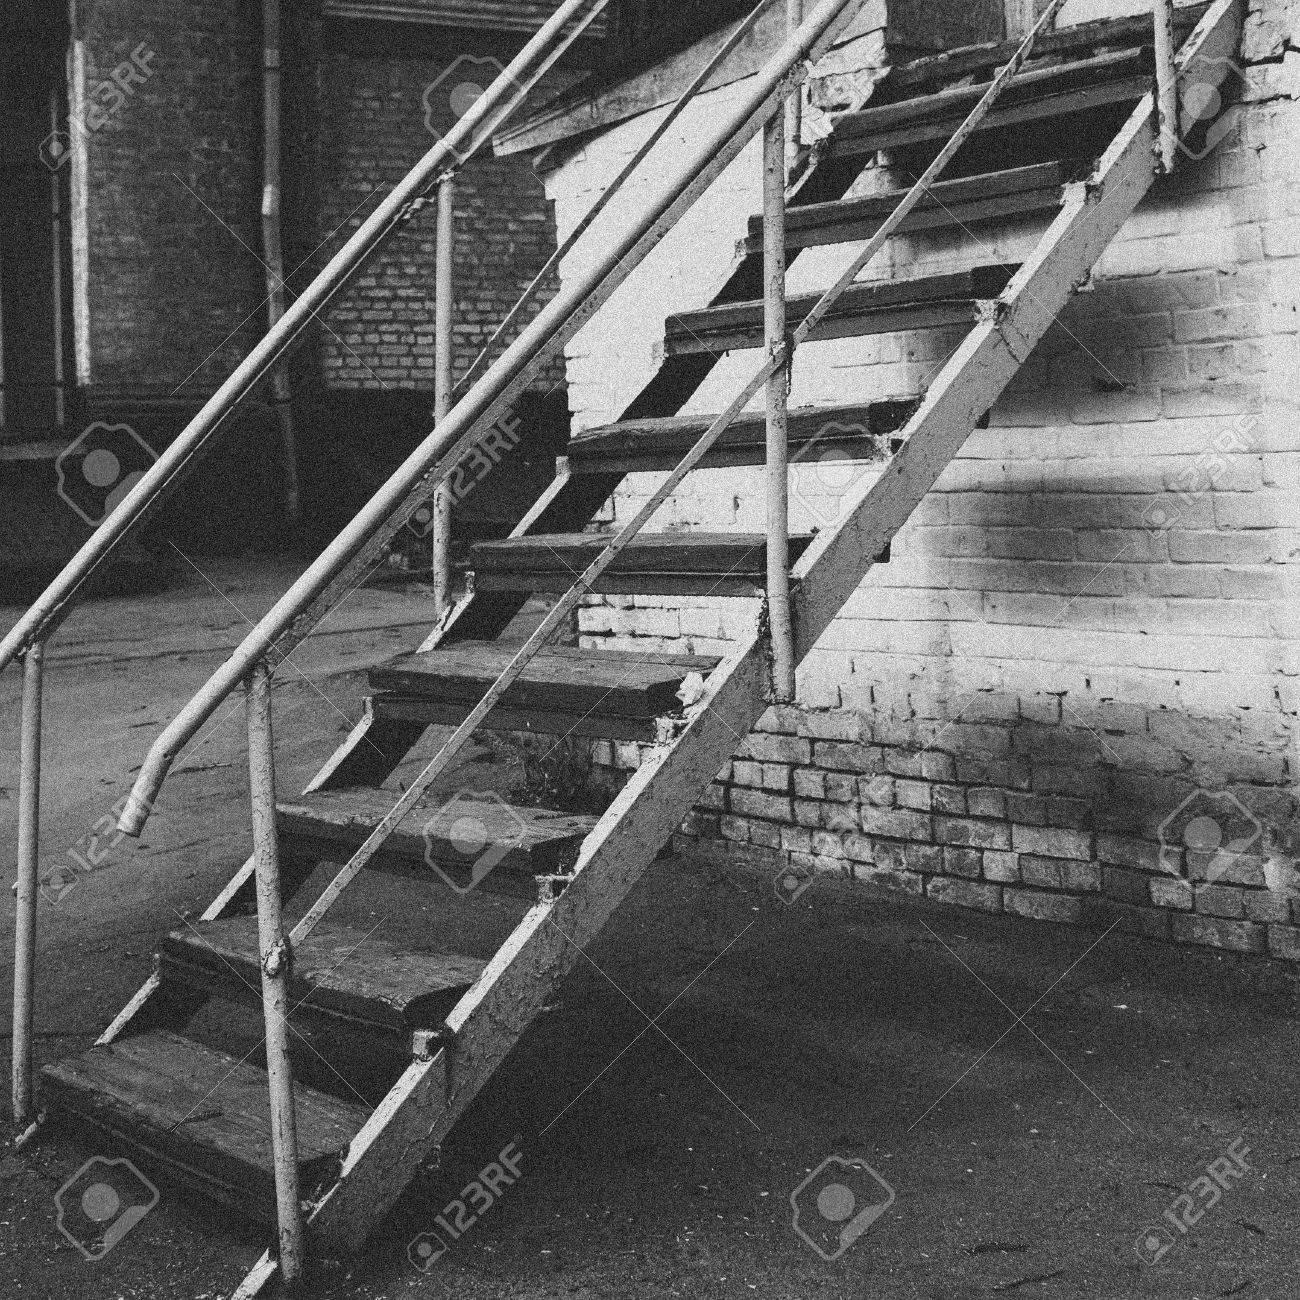 Façade de brique avec fenêtres et escaliers Escalier de rue Mur de briques  blanches